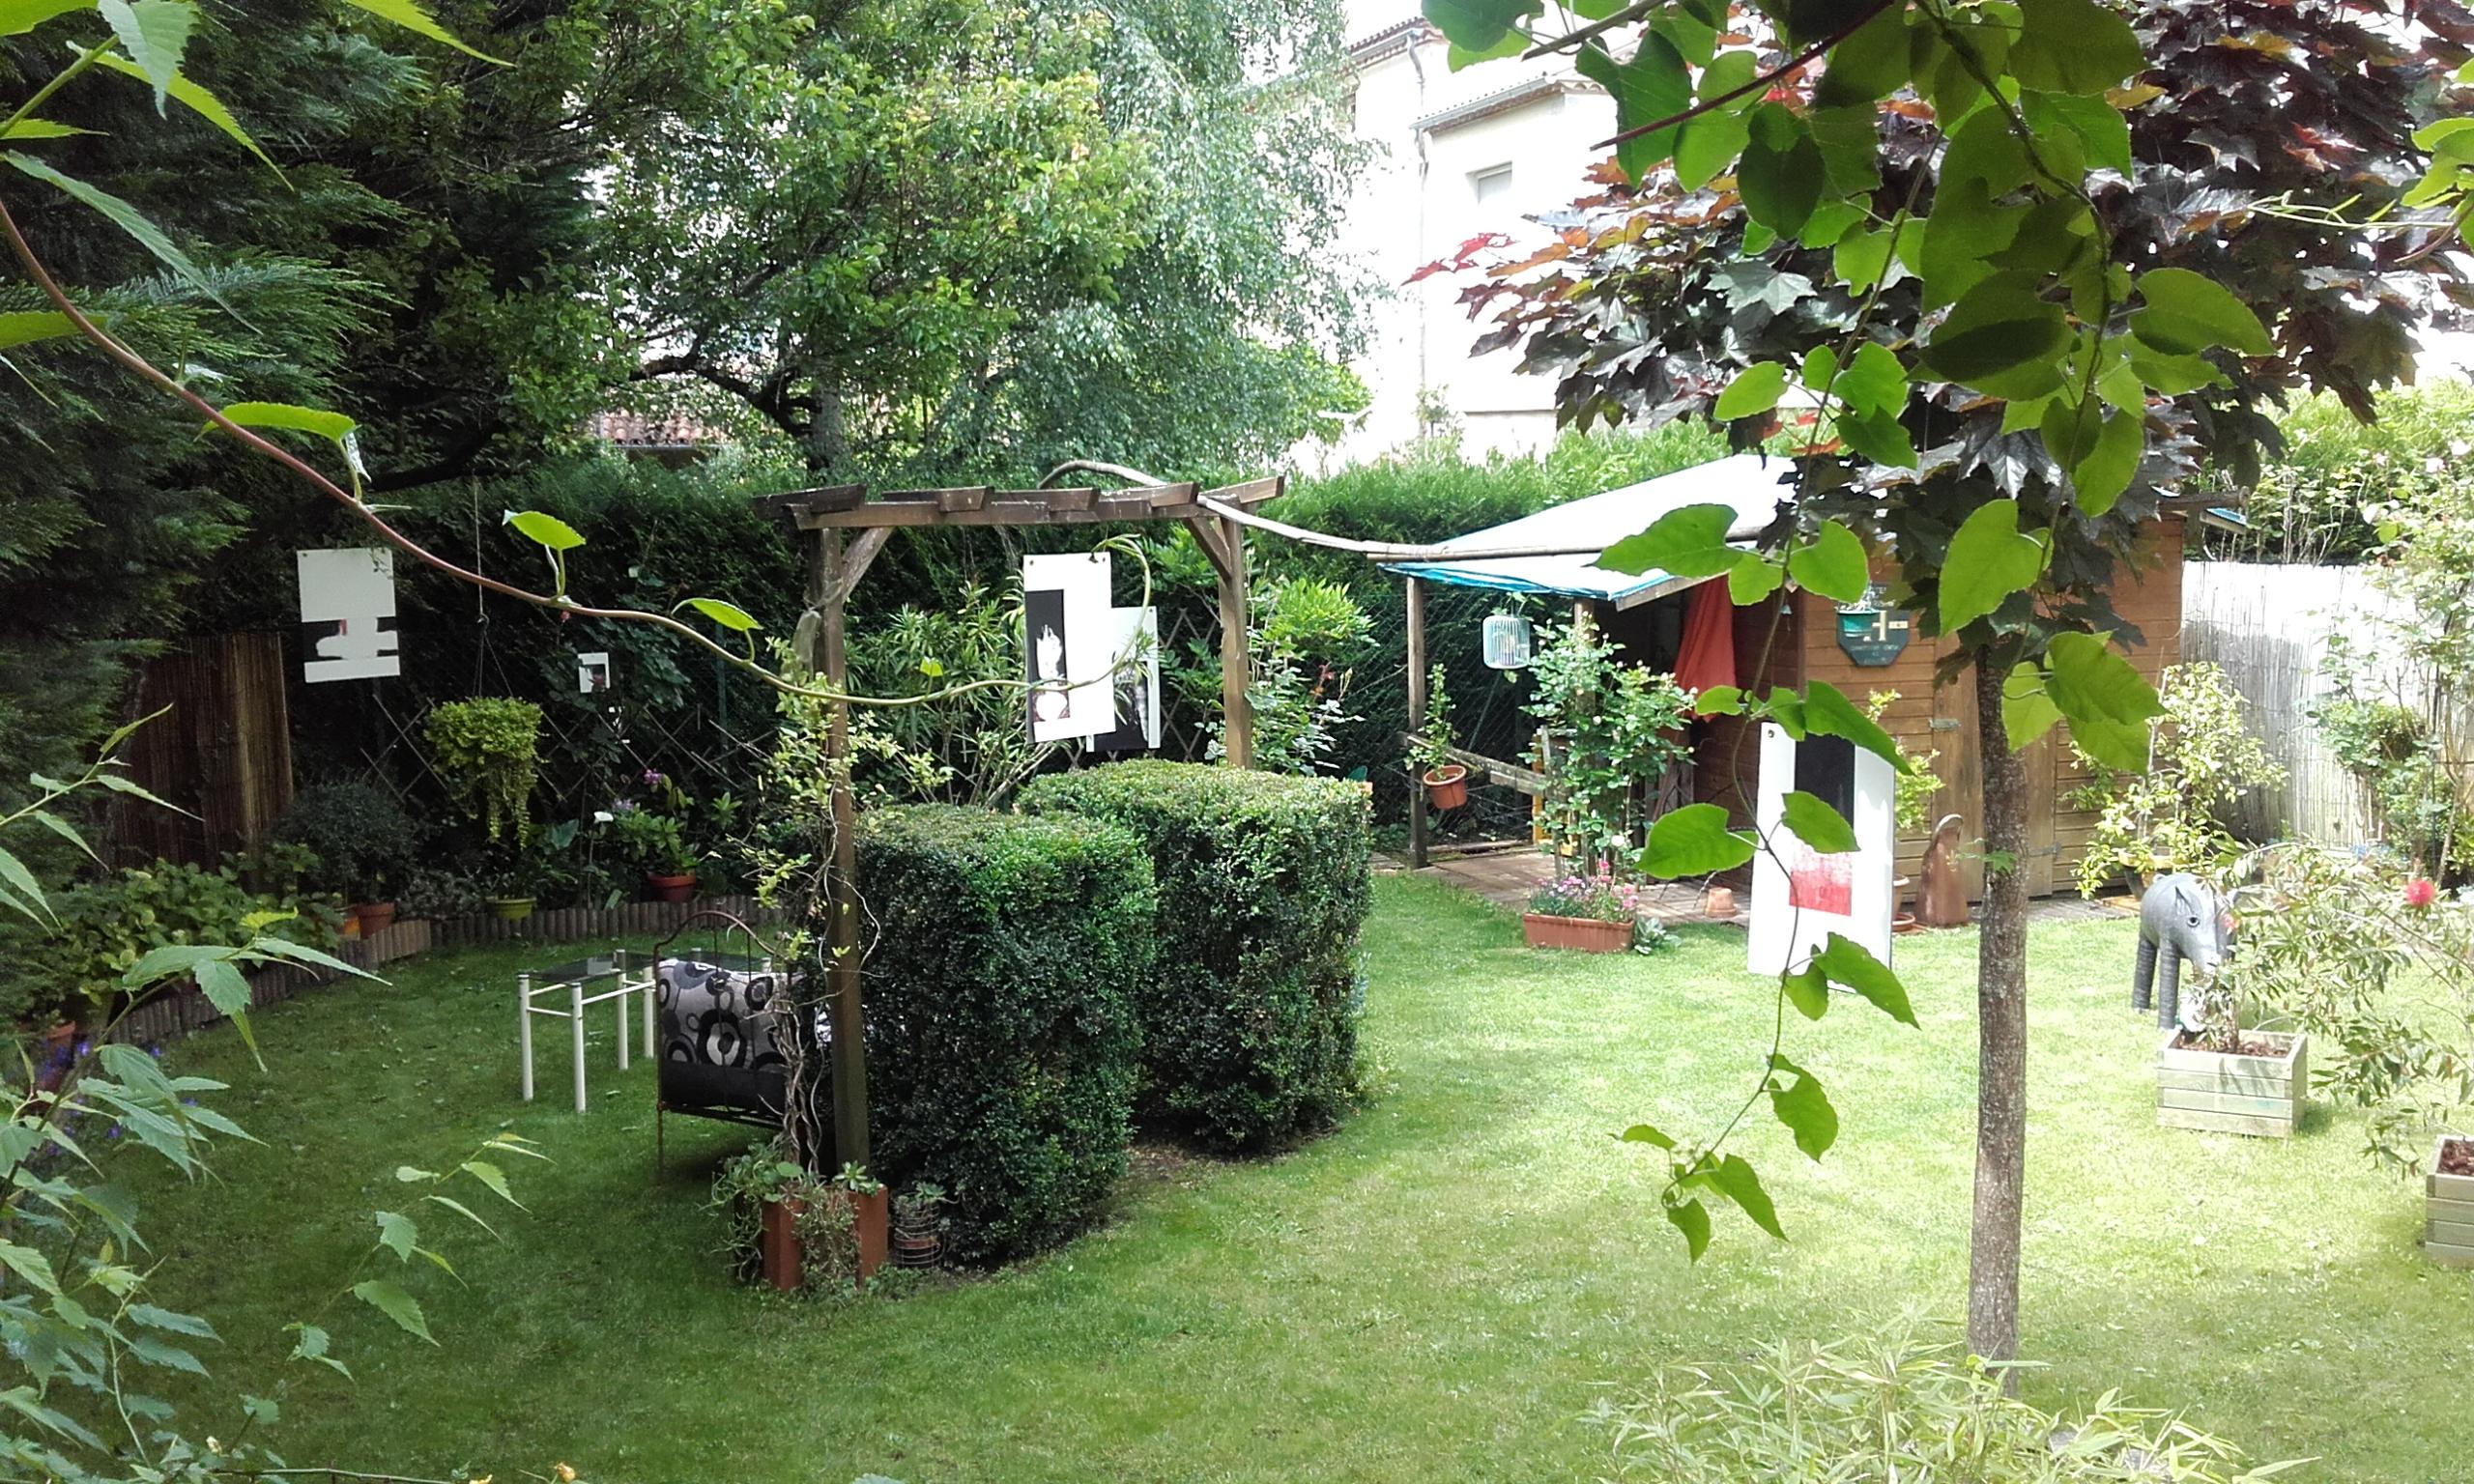 Impressionnant cache jardin sabakunohana for Au jardin info